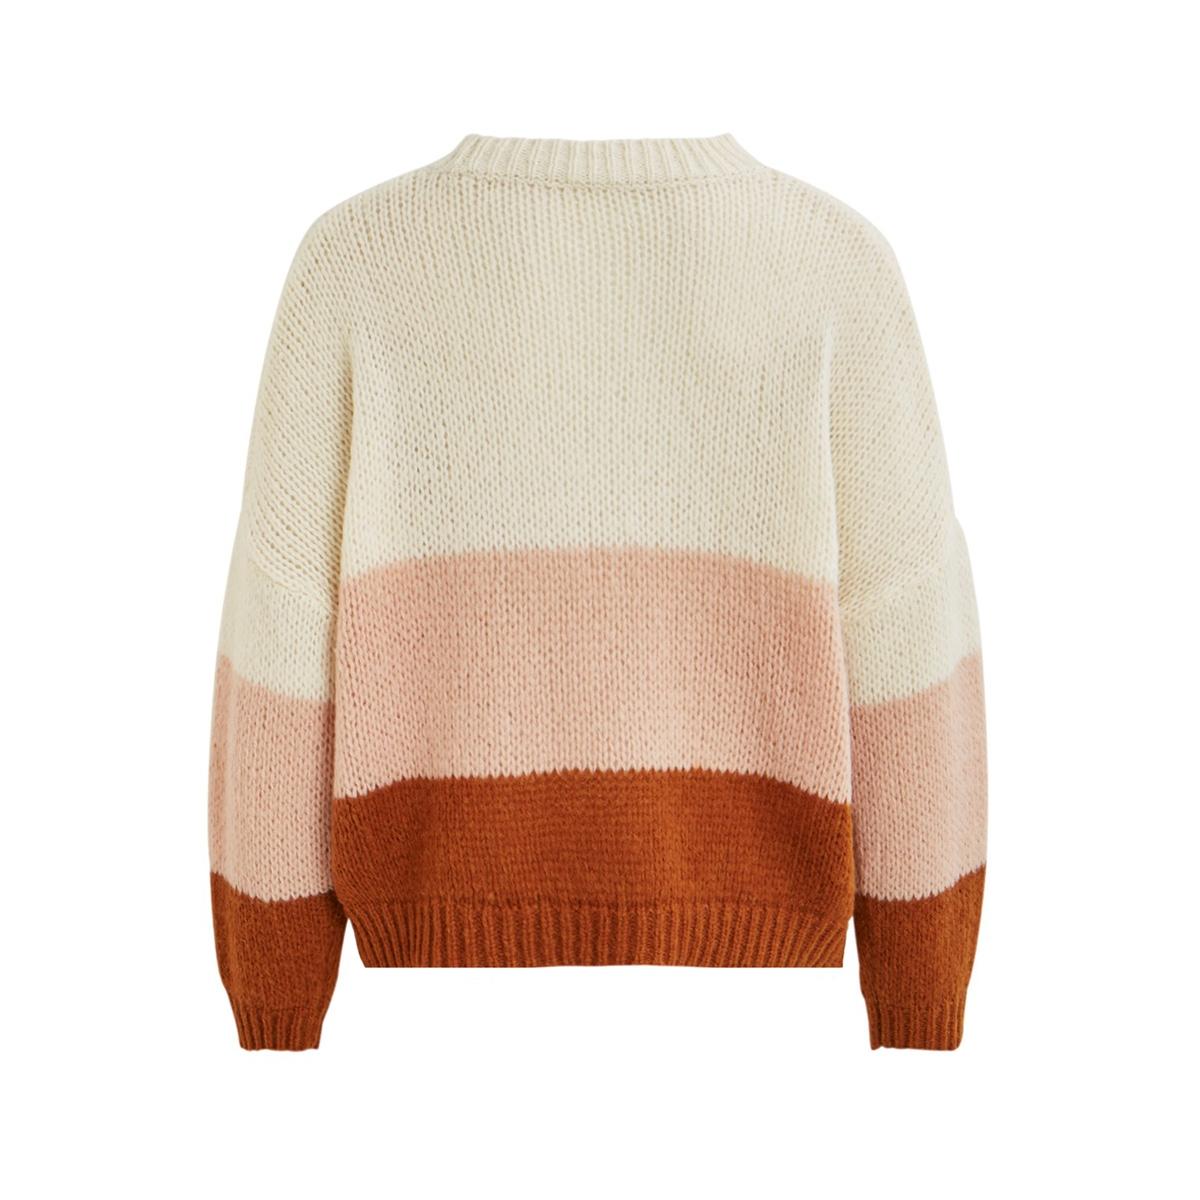 violet l/s knit top 14055307 vila trui cloud dancer/caramel café